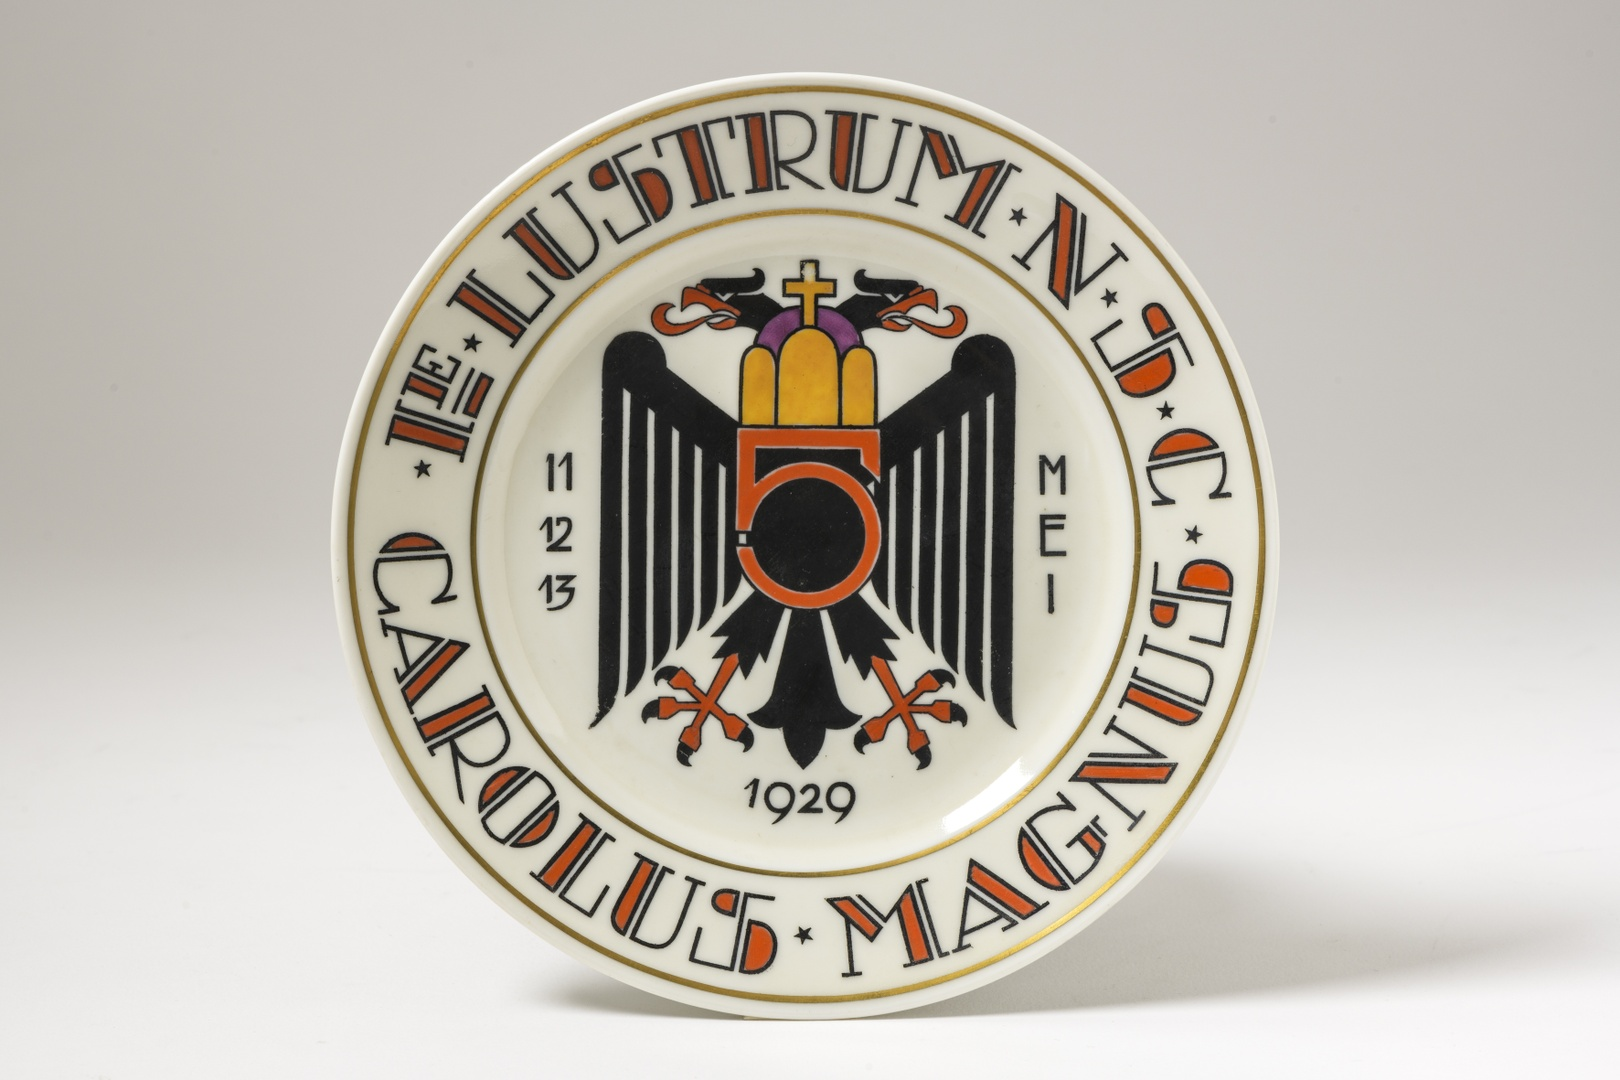 Wandbord: tweekoppige adelaar met aan beide zijden 11 12 13 MEI waaronder 1929